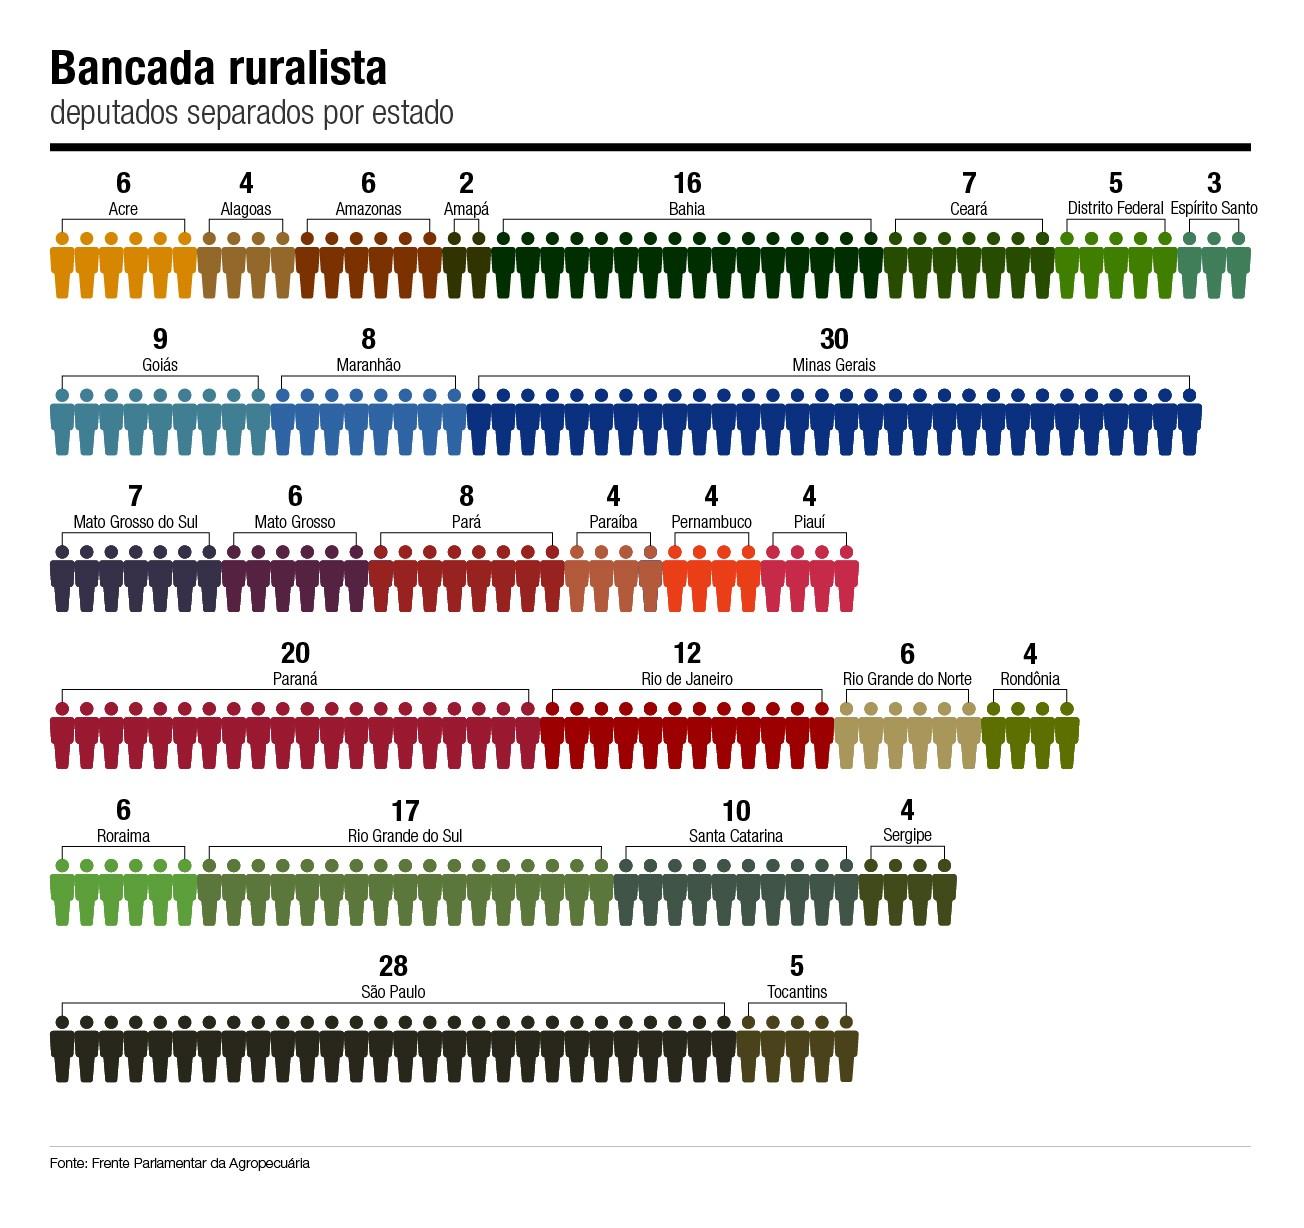 bancada-ruralista-deputados-estados (Foto: Estúdio de Criação/Ed. Globo)